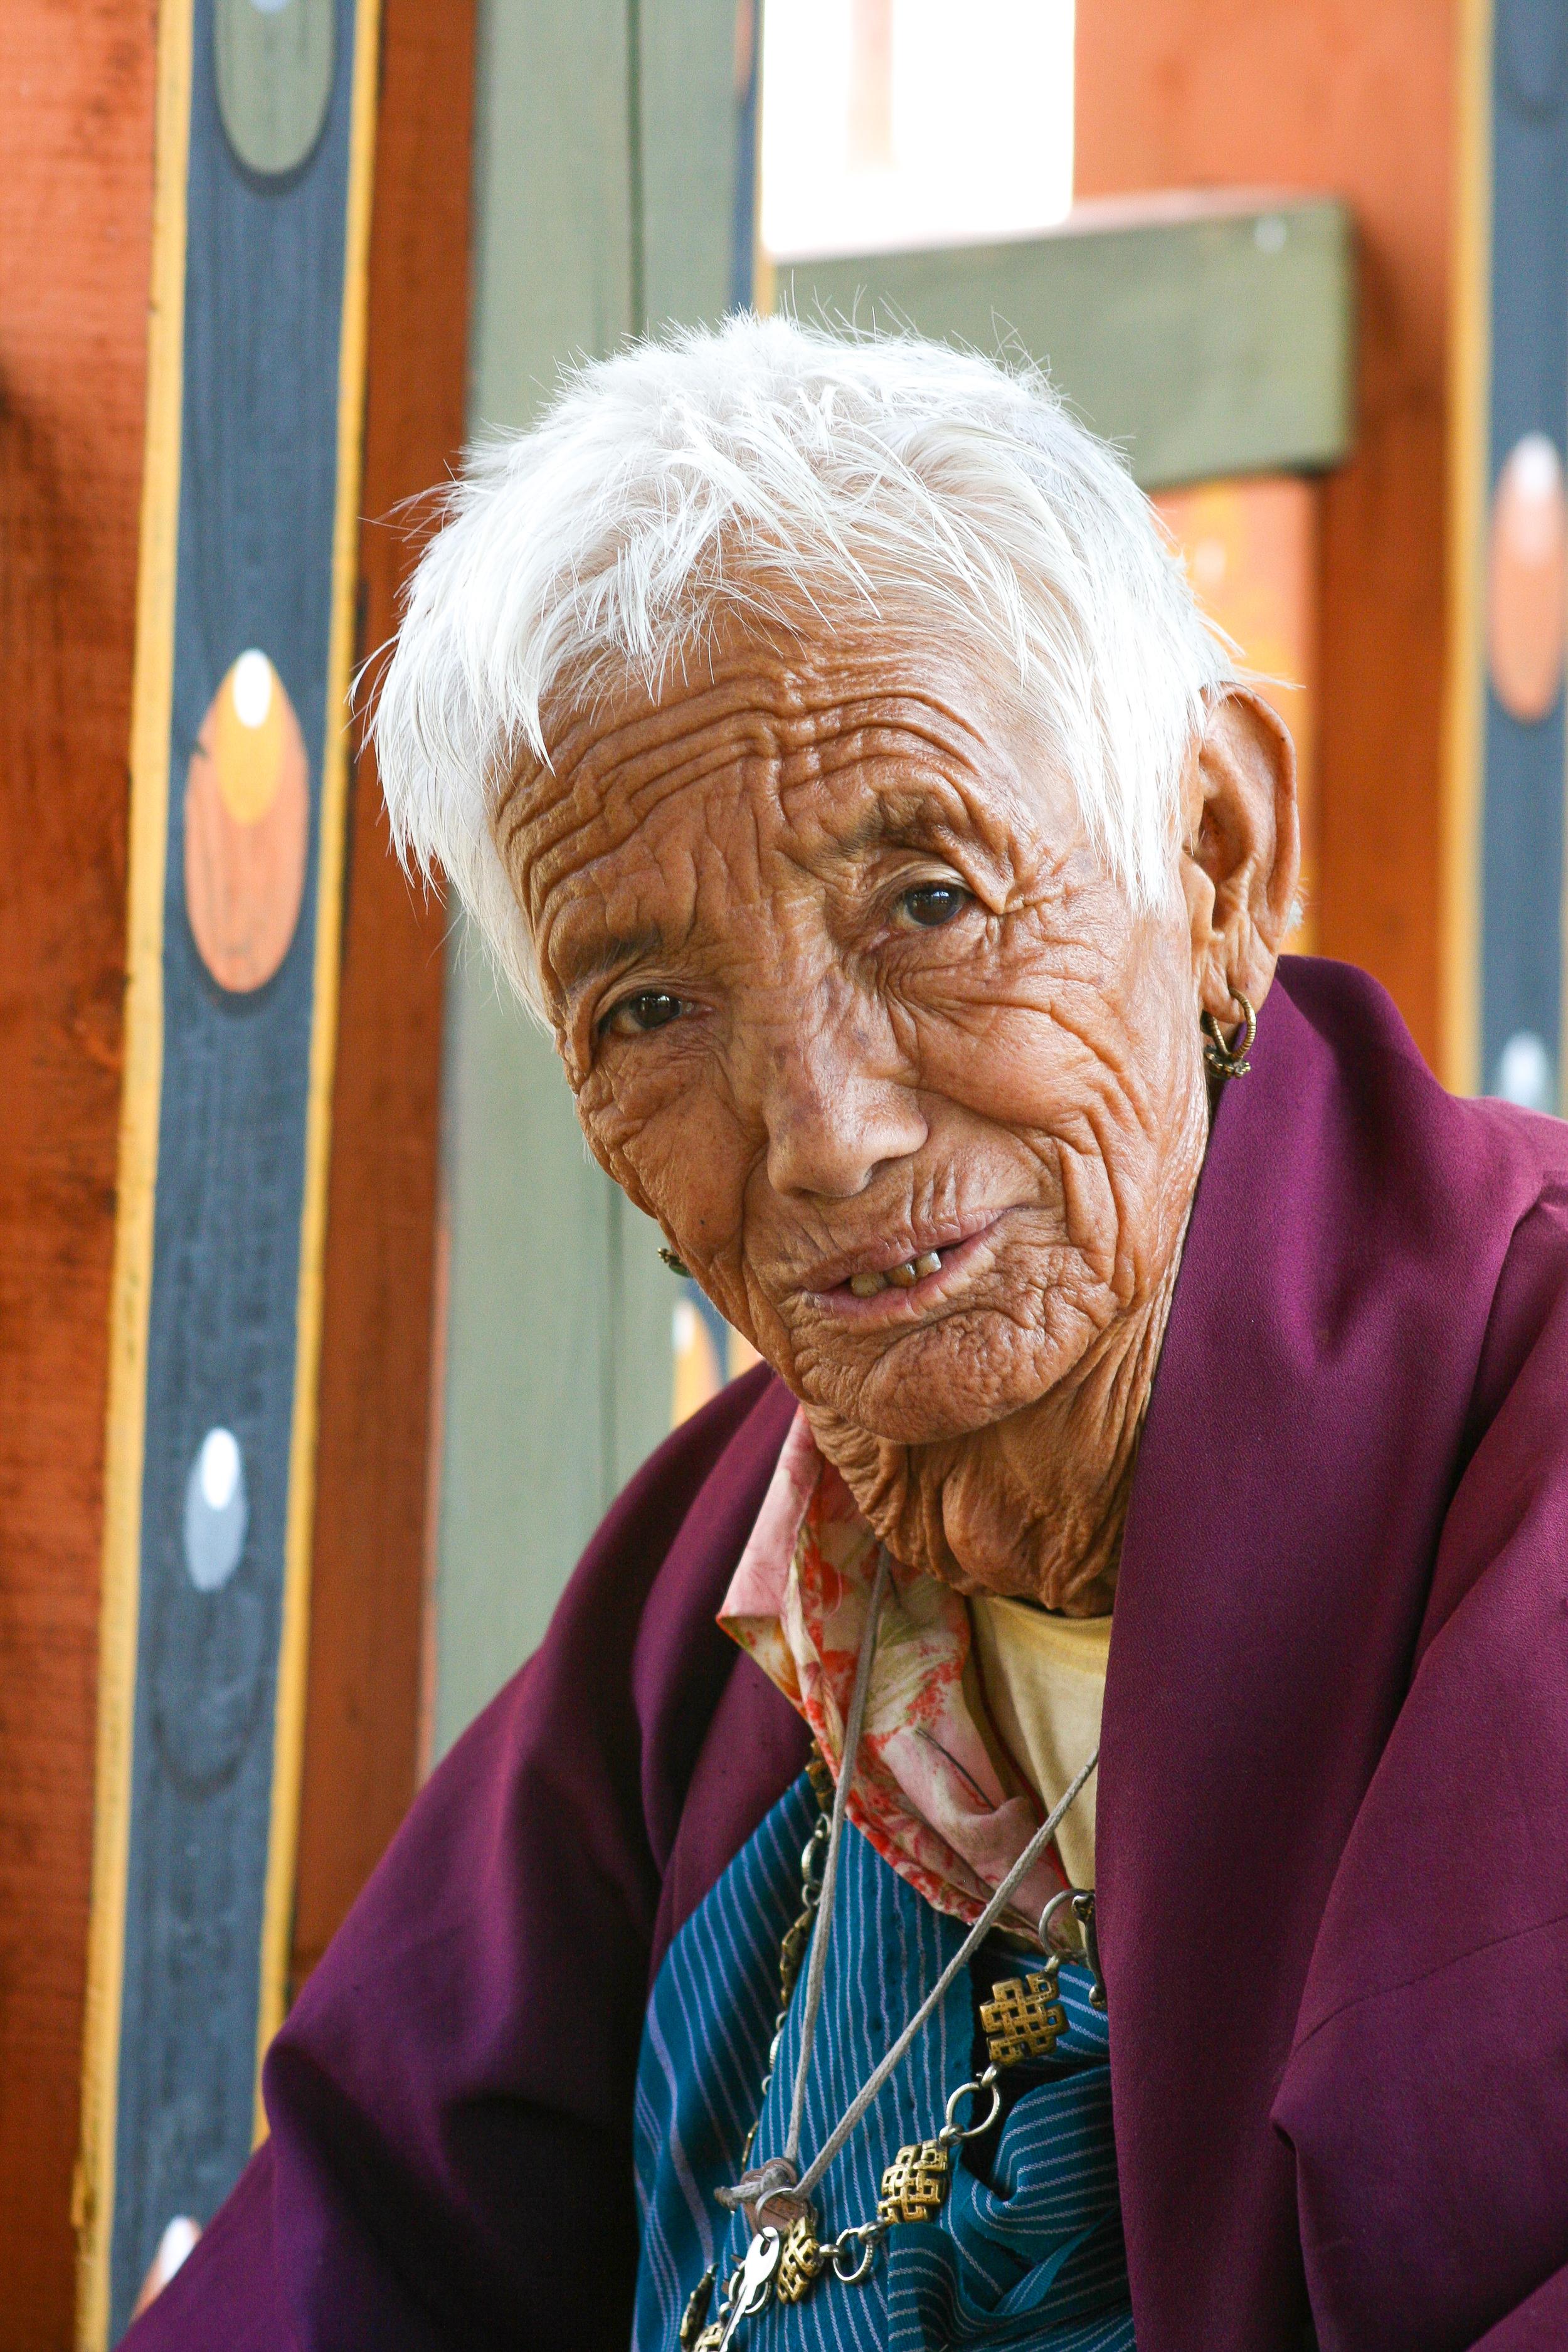 Bhutan_woman.jpg